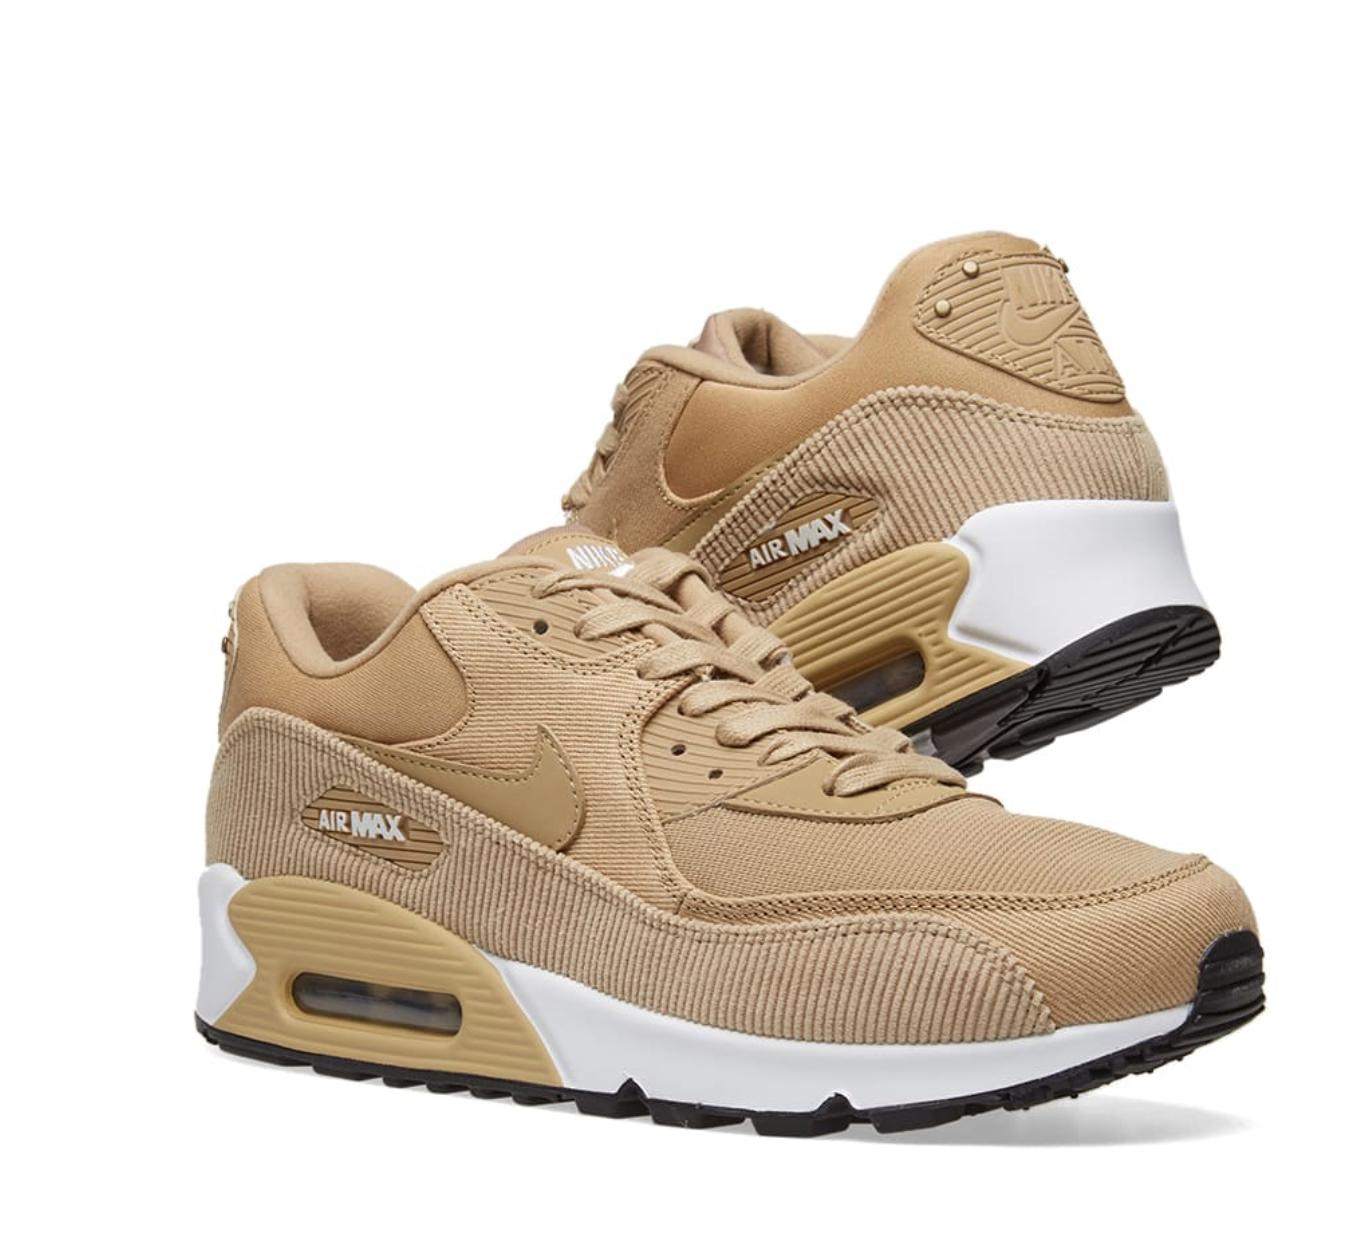 Nike Wmns Air Max 90 Lea 921304-200